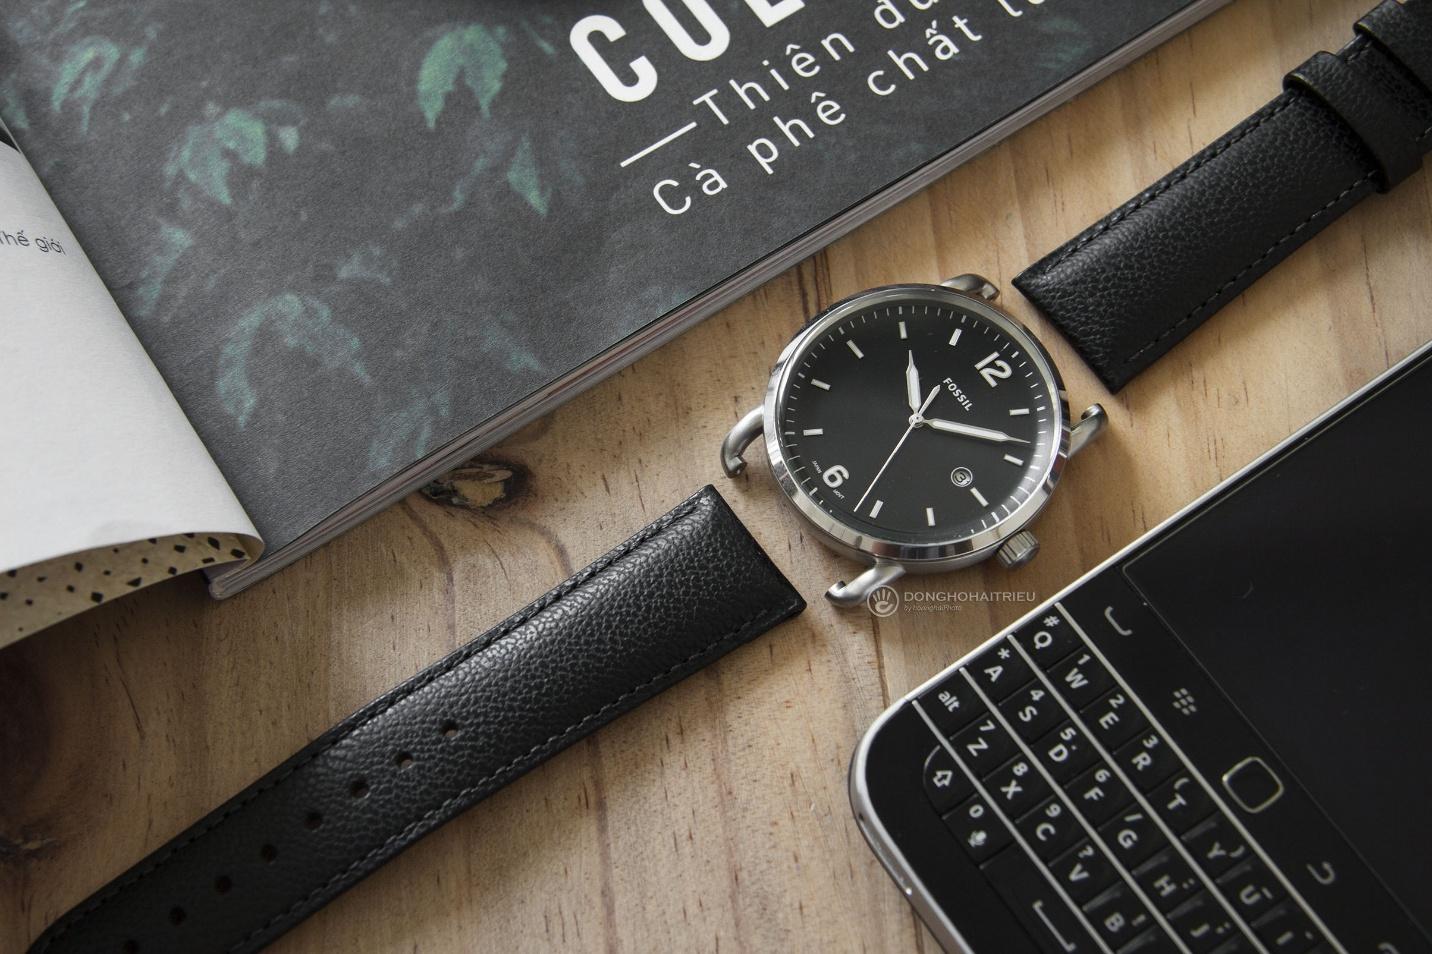 Bộ sưu tập dây da được các thương hiệu đồng hồ nổi tiếng thế giới ưa chuộng - Ảnh 5.